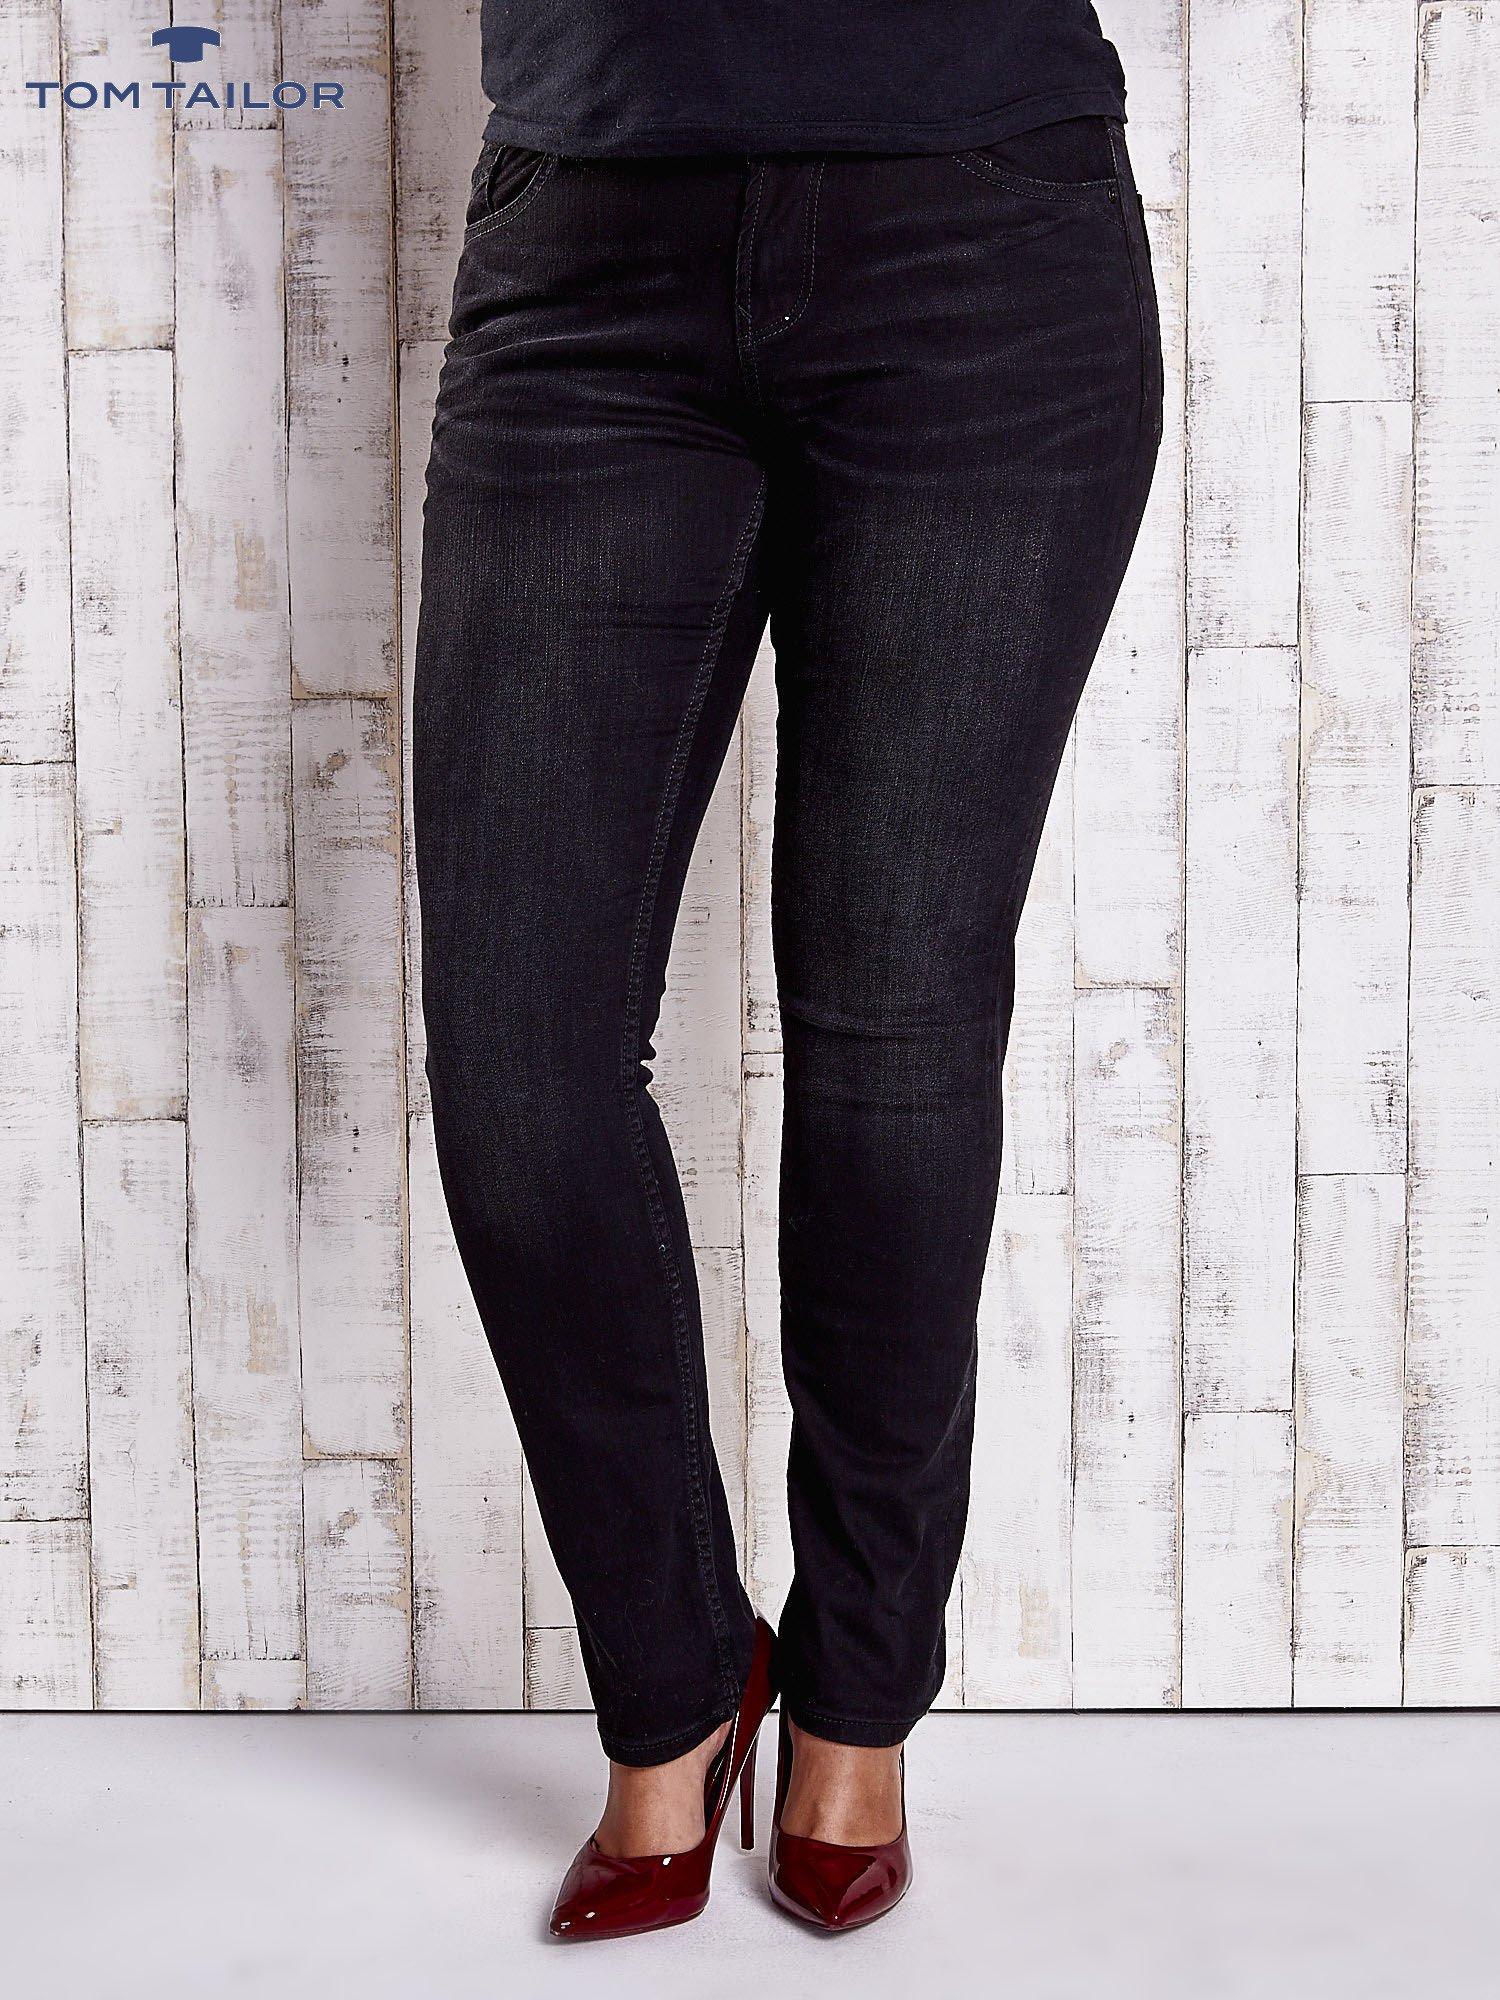 TOM TAILOR Czarne proste spodnie ze stretchem PLUS SIZE                                  zdj.                                  1